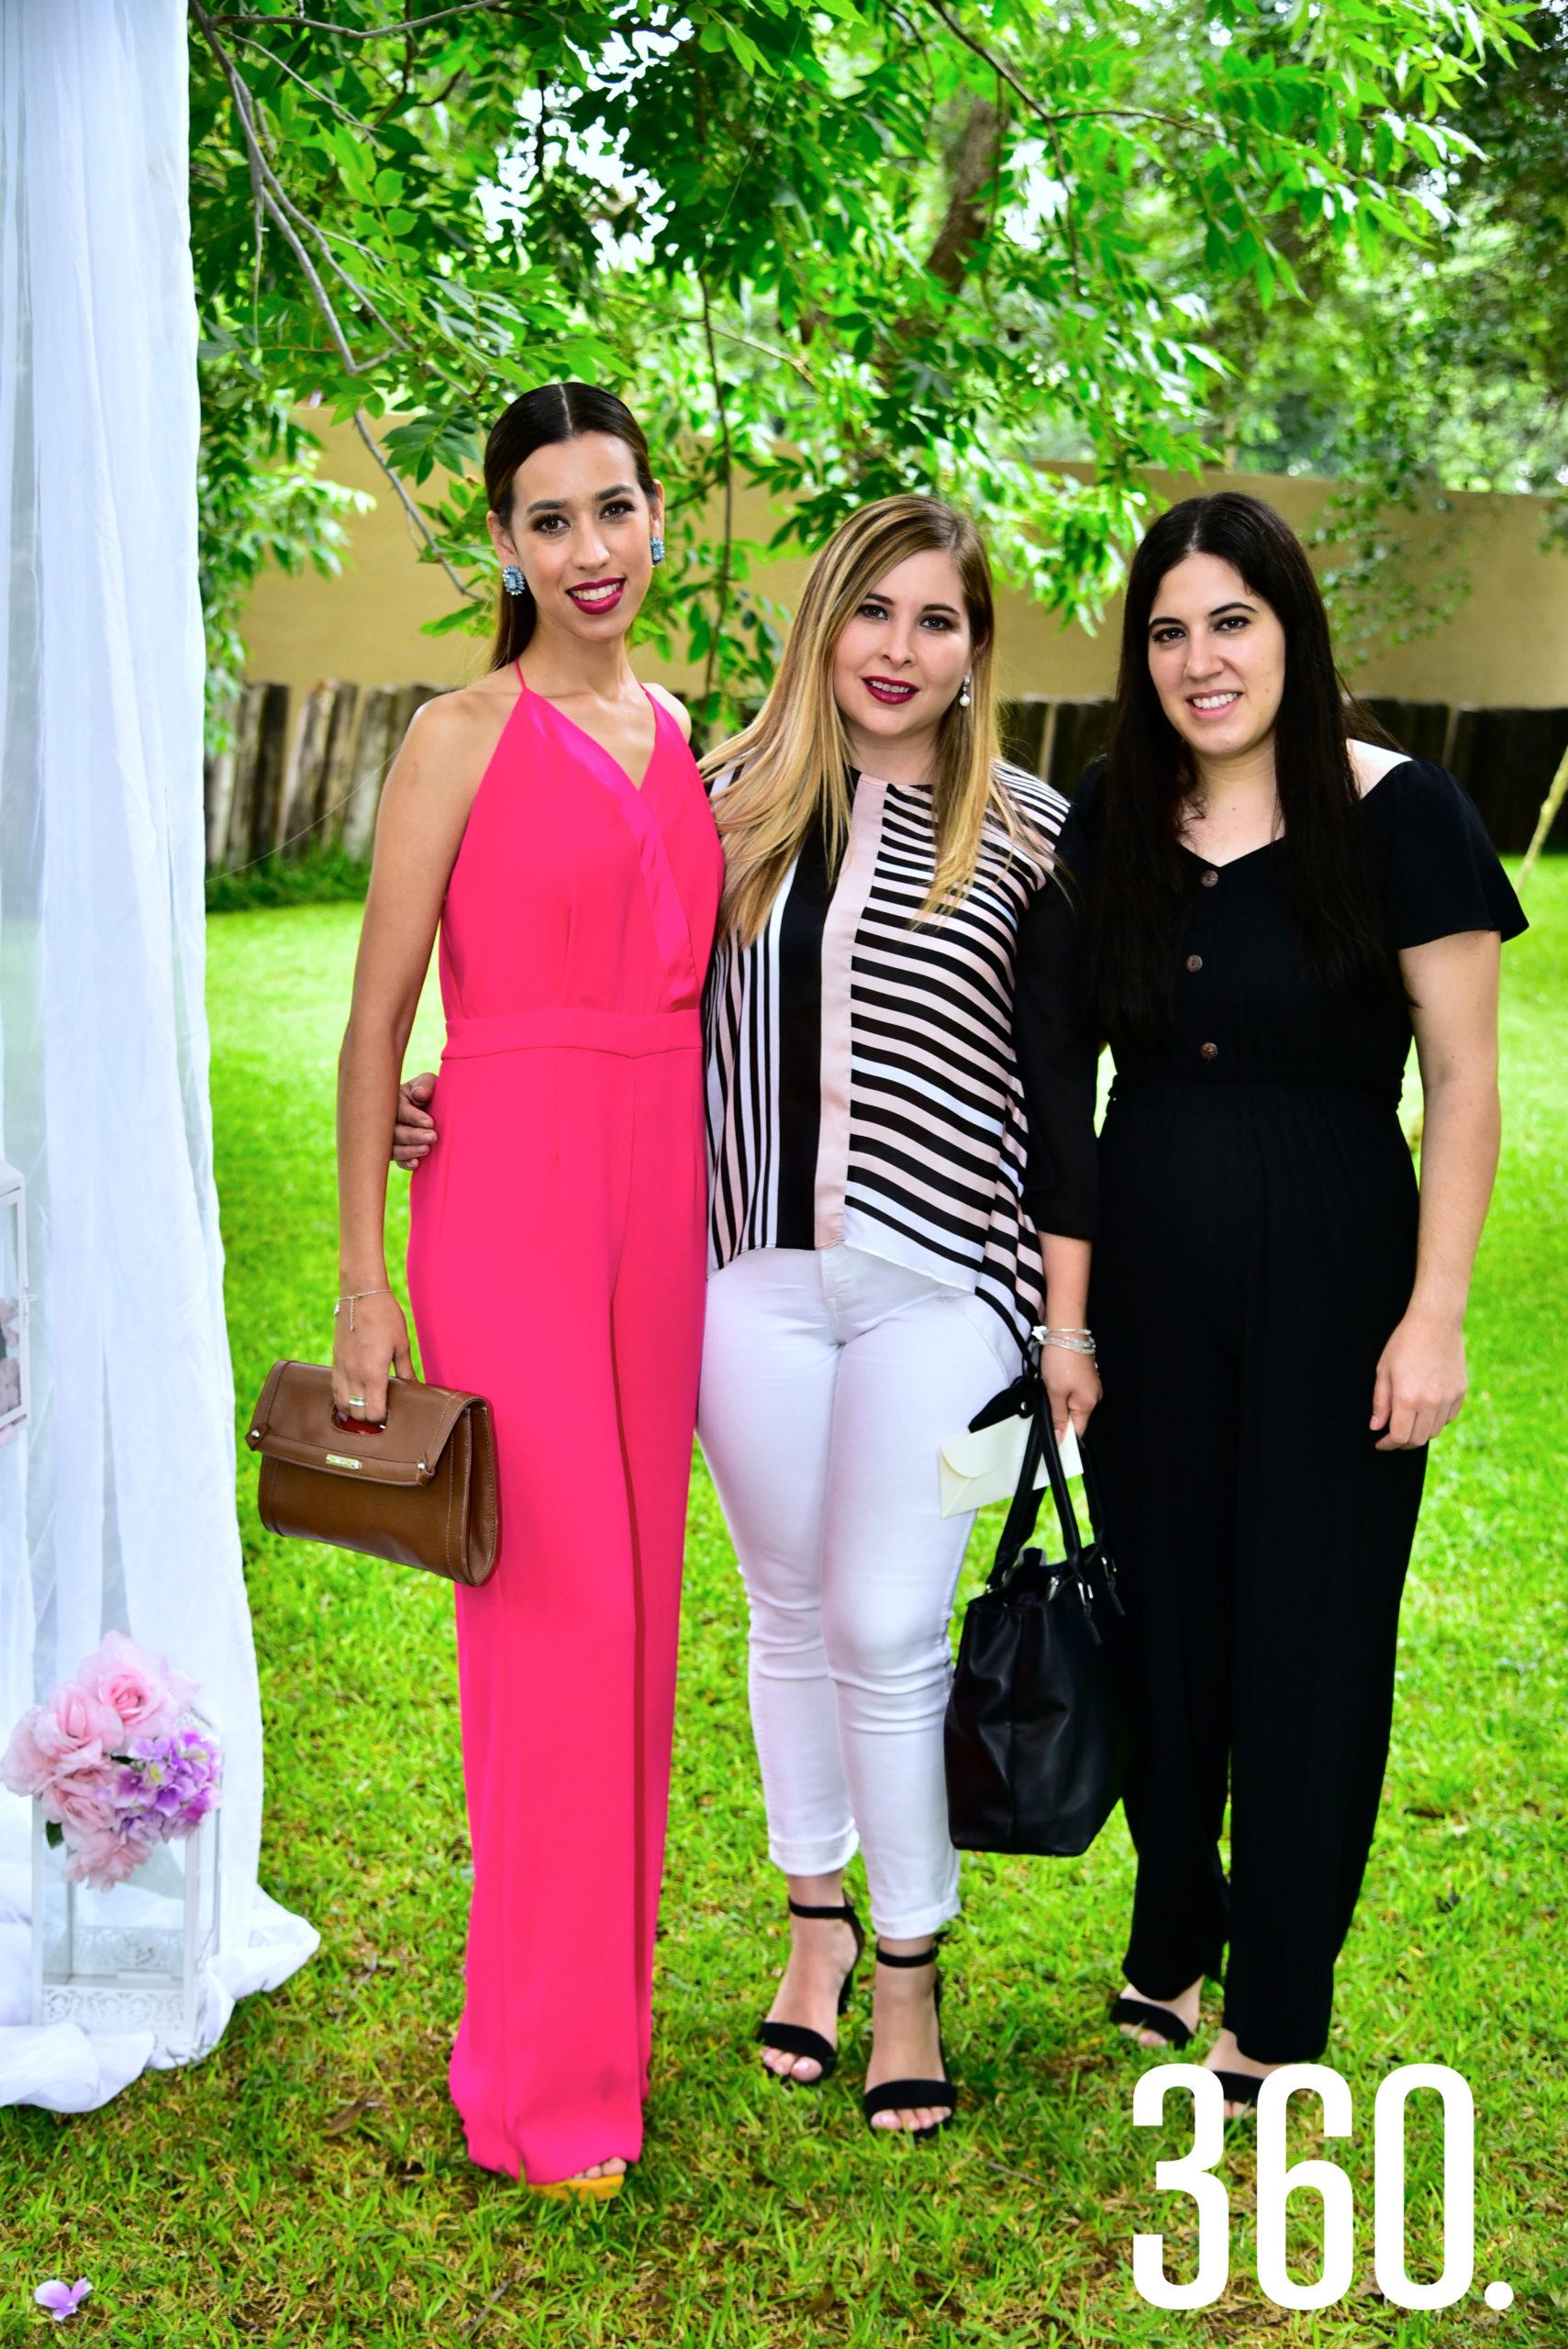 Mayis Valdés, Jessica Elguezabal y Silvia Jiménez.